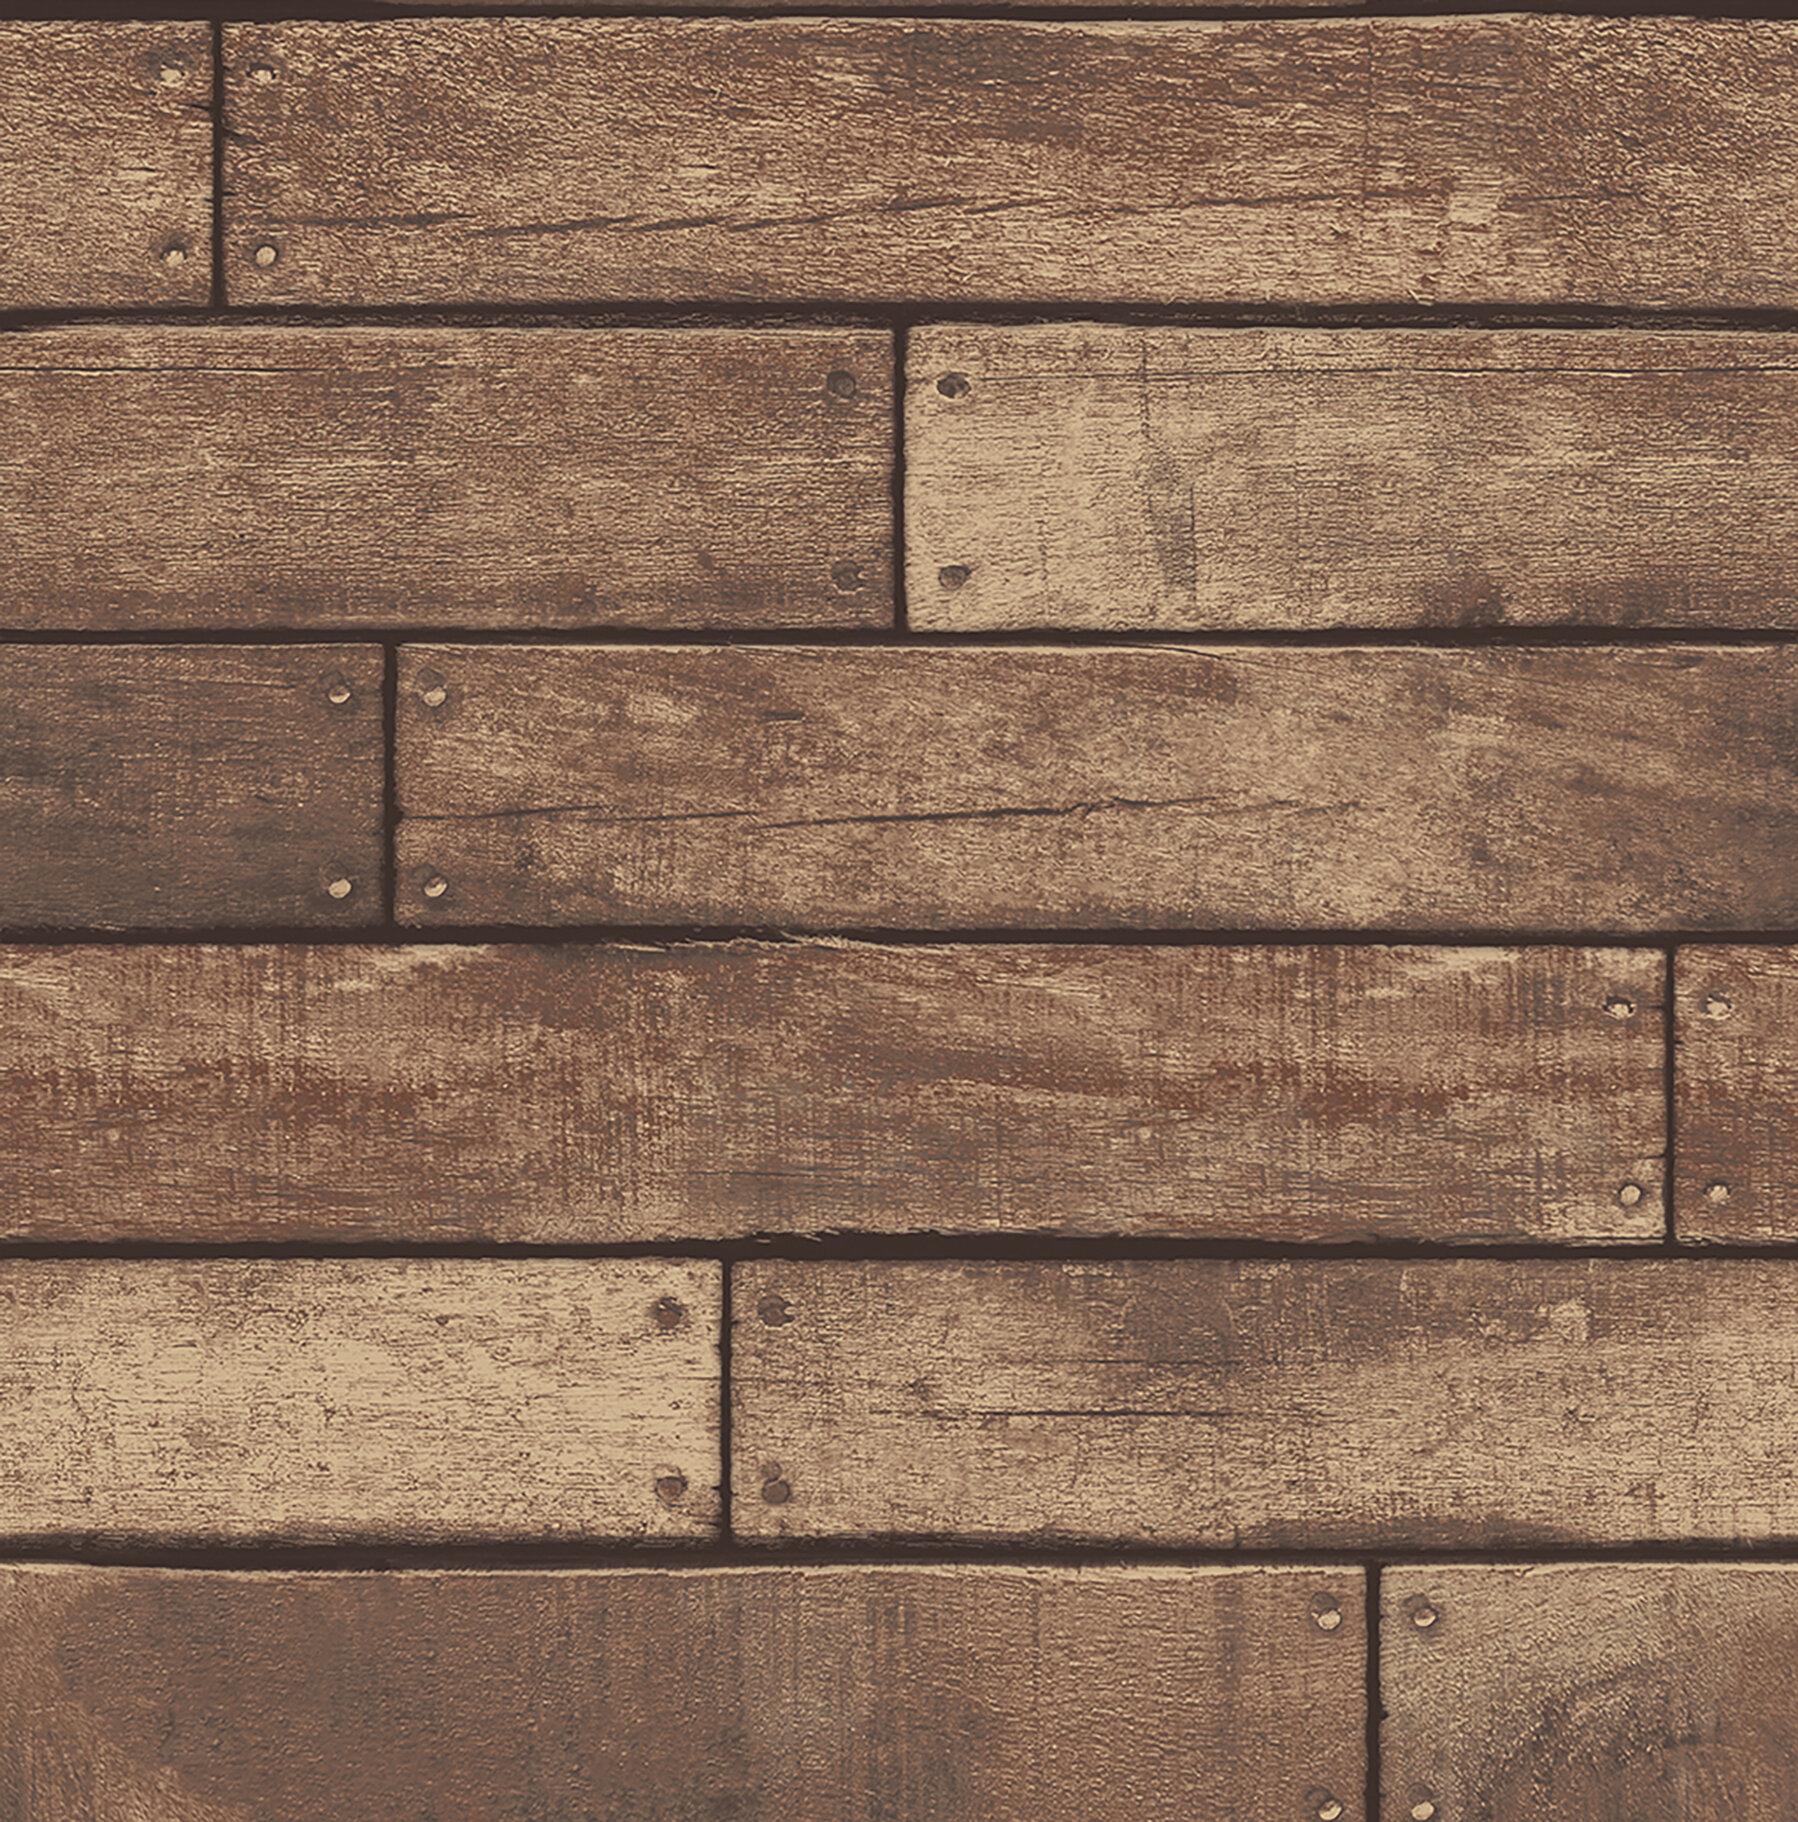 Essentials Weathered Nailhead Plank 33 X 20 5 Wood Wallpaper Roll